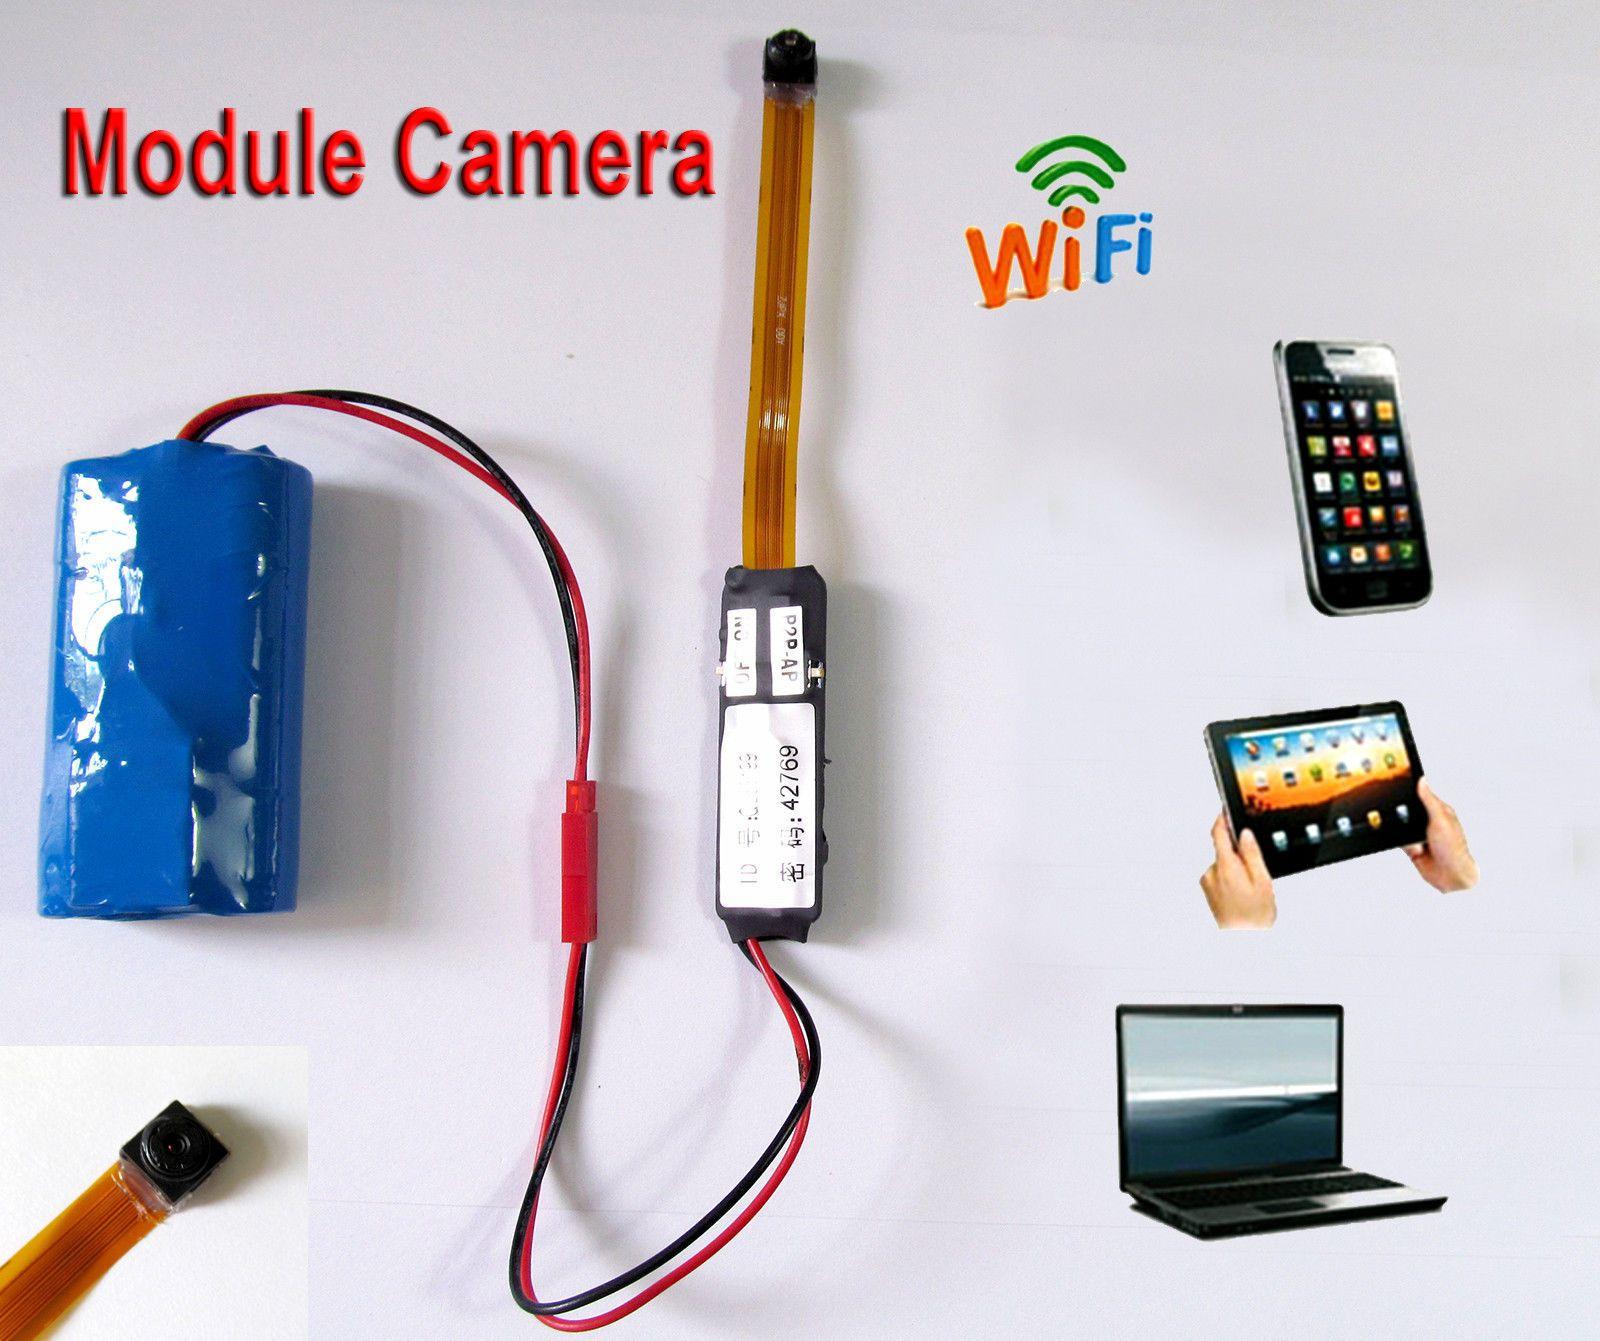 vente en gros de nouveau mini wifi p2p ip module sans fil espion surveillance camera pour iphone. Black Bedroom Furniture Sets. Home Design Ideas